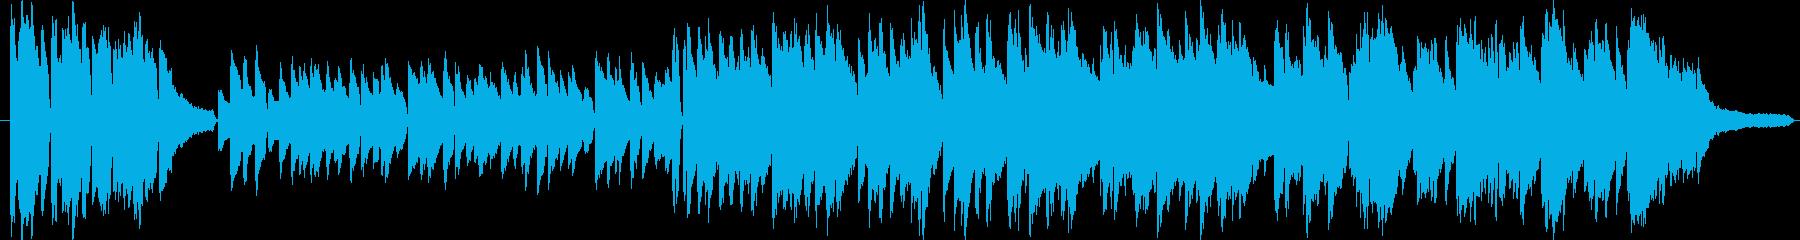 ラジオ体操風です。ピアノのみ テンポの…の再生済みの波形